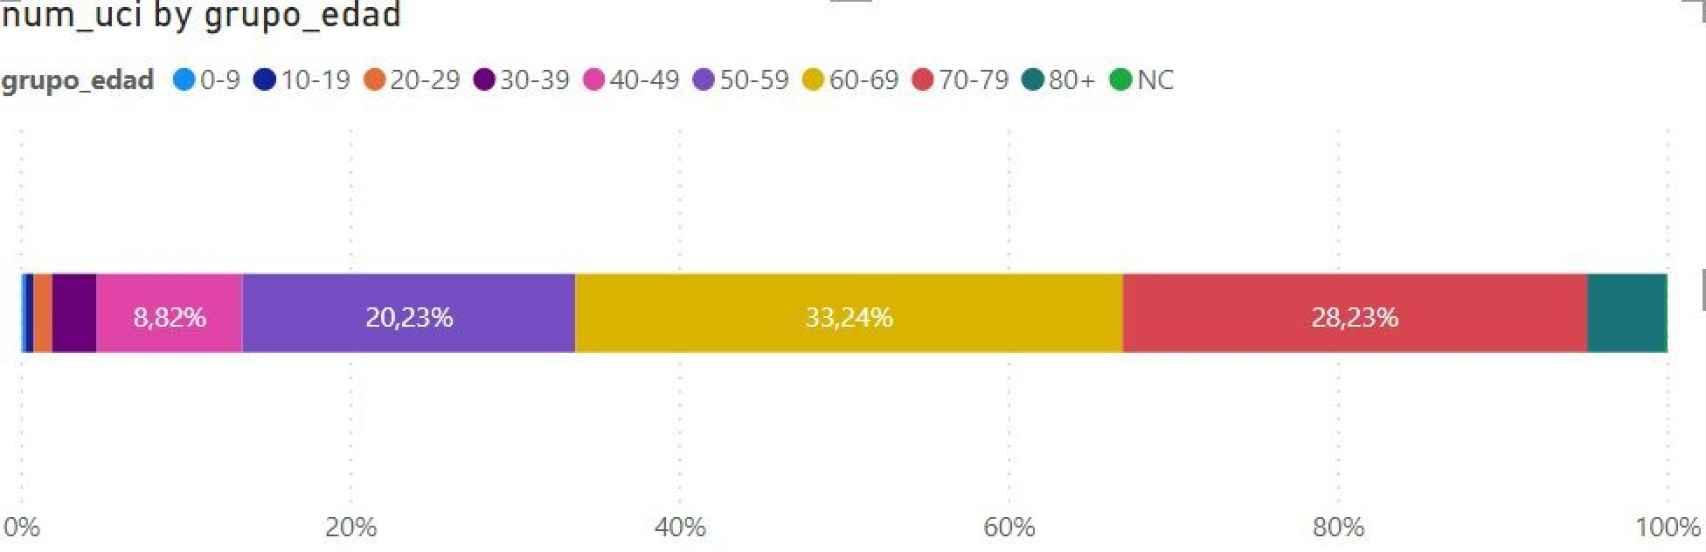 Ocupación UCI por rango de edad.